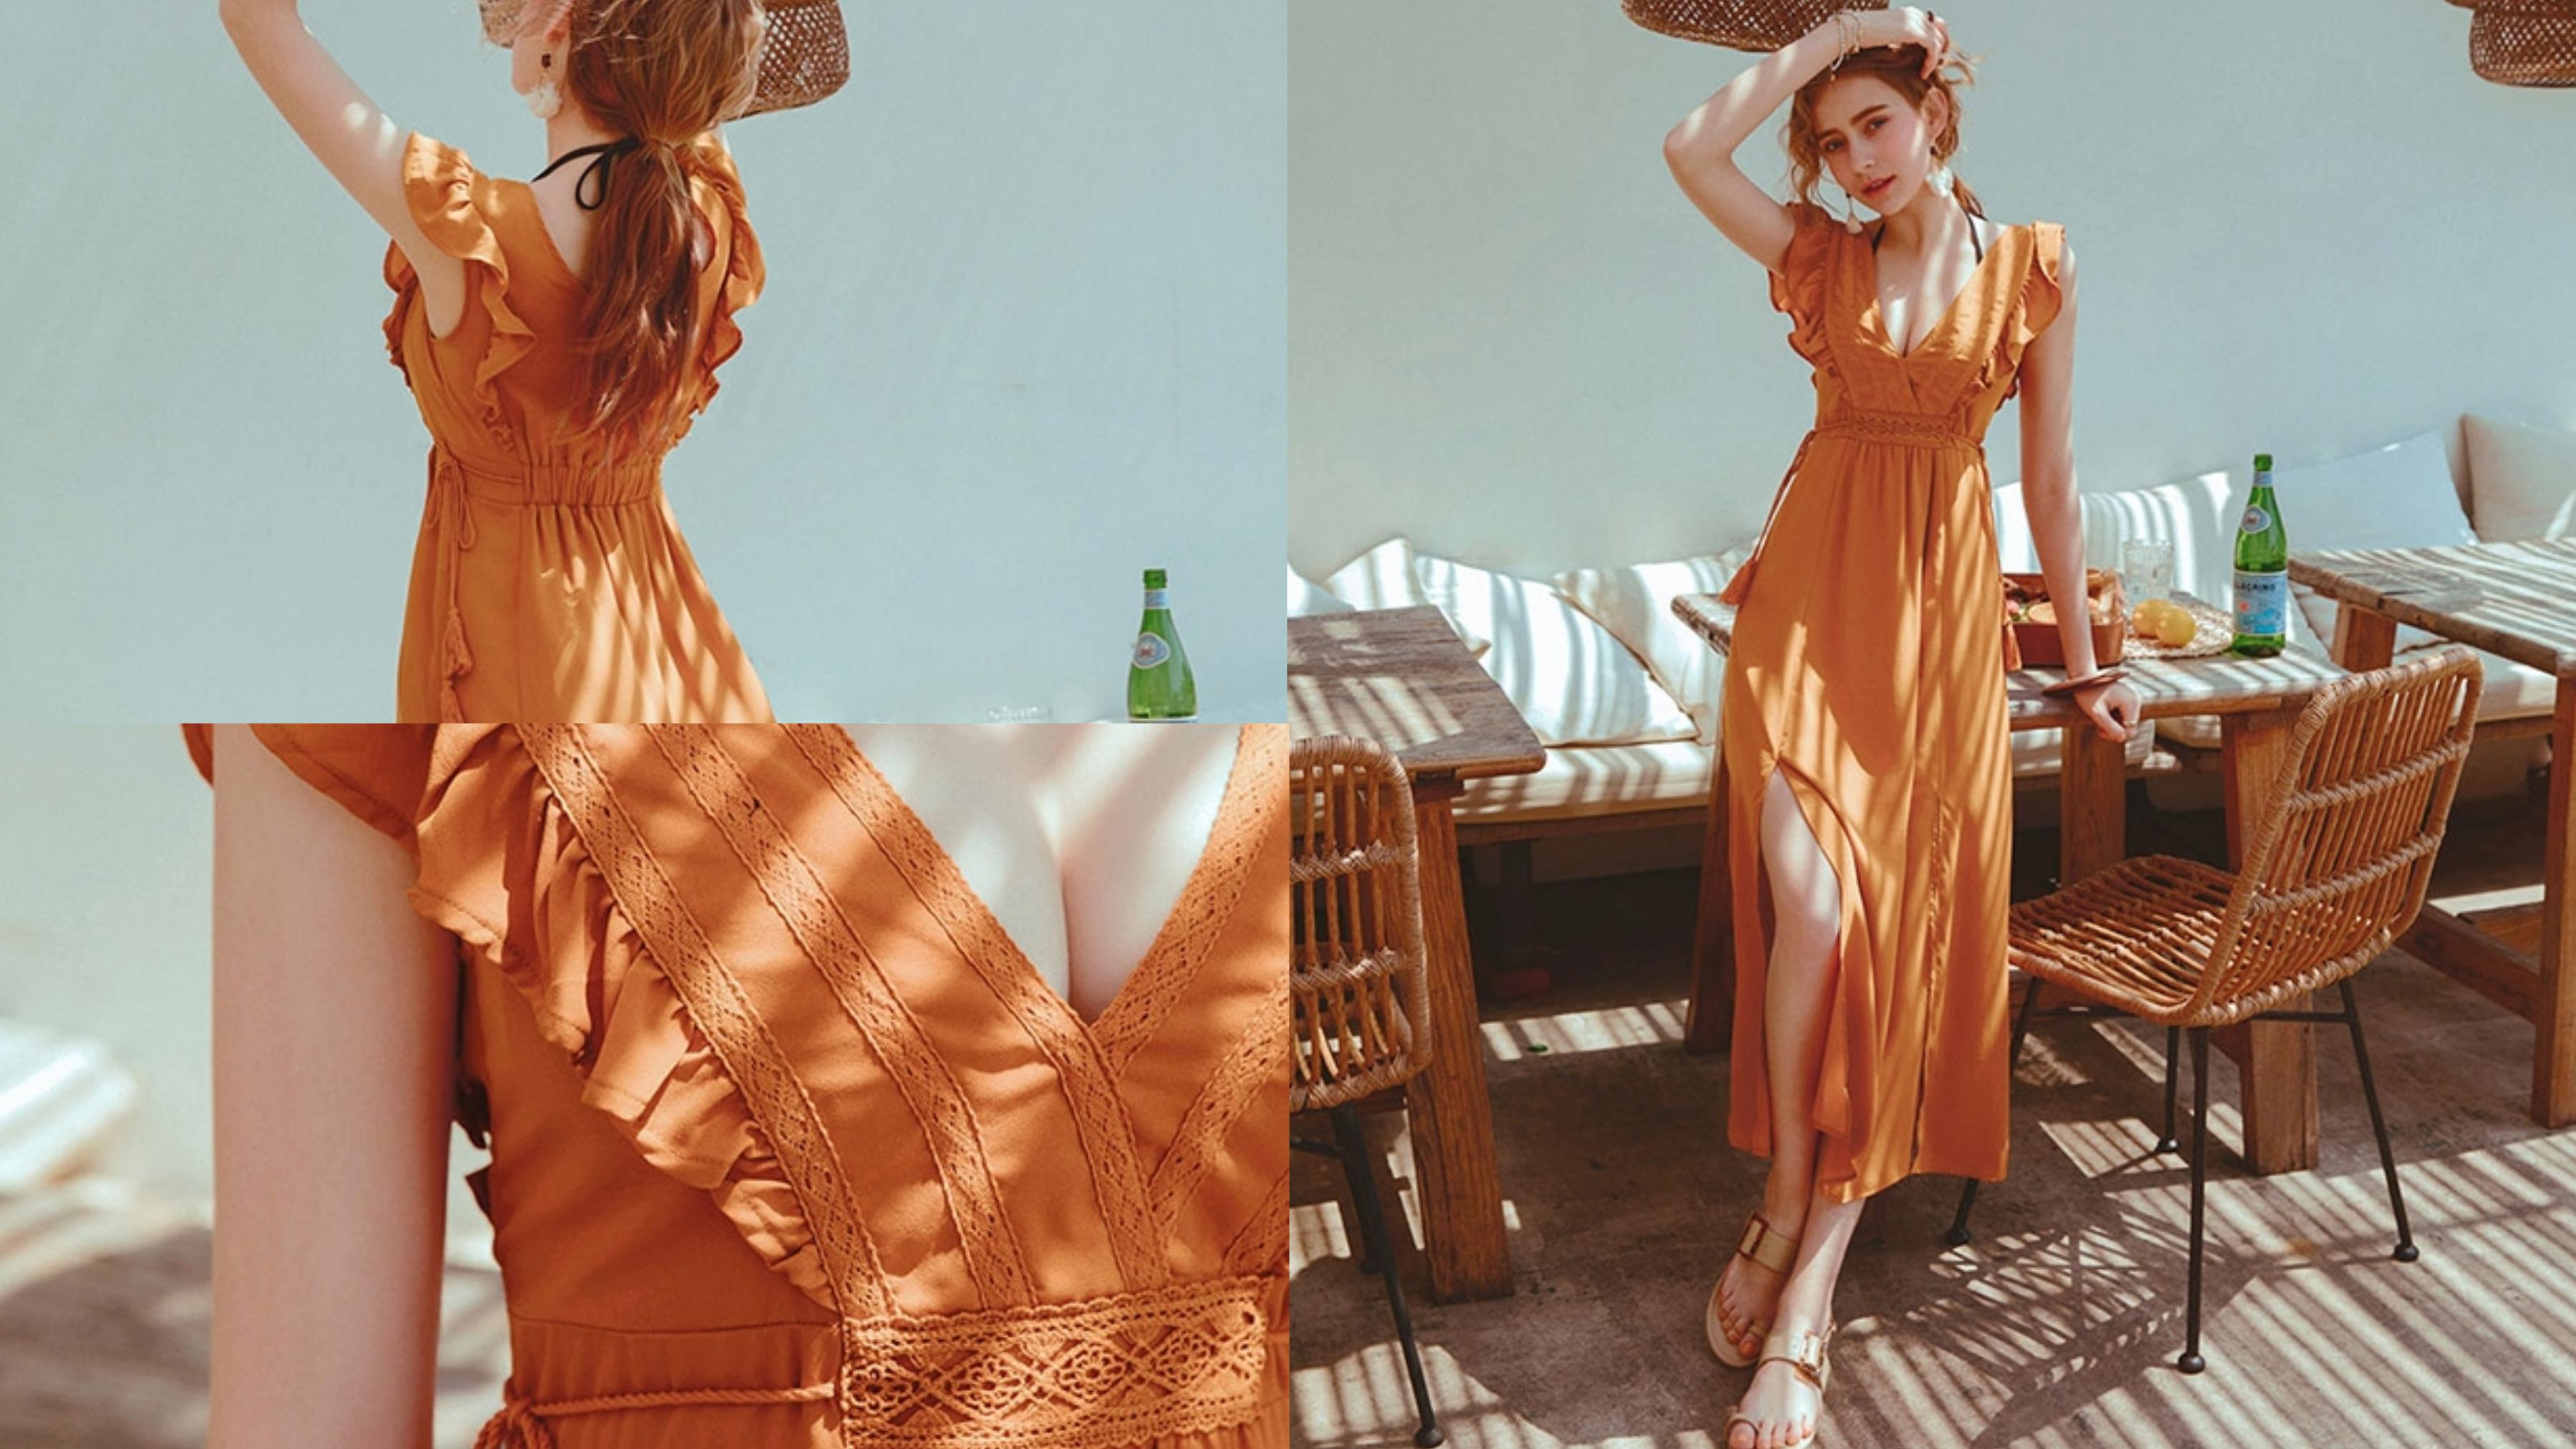 熱情誘人的泰奶色,搭配流蘇元素,展現出最浪漫的異國風情